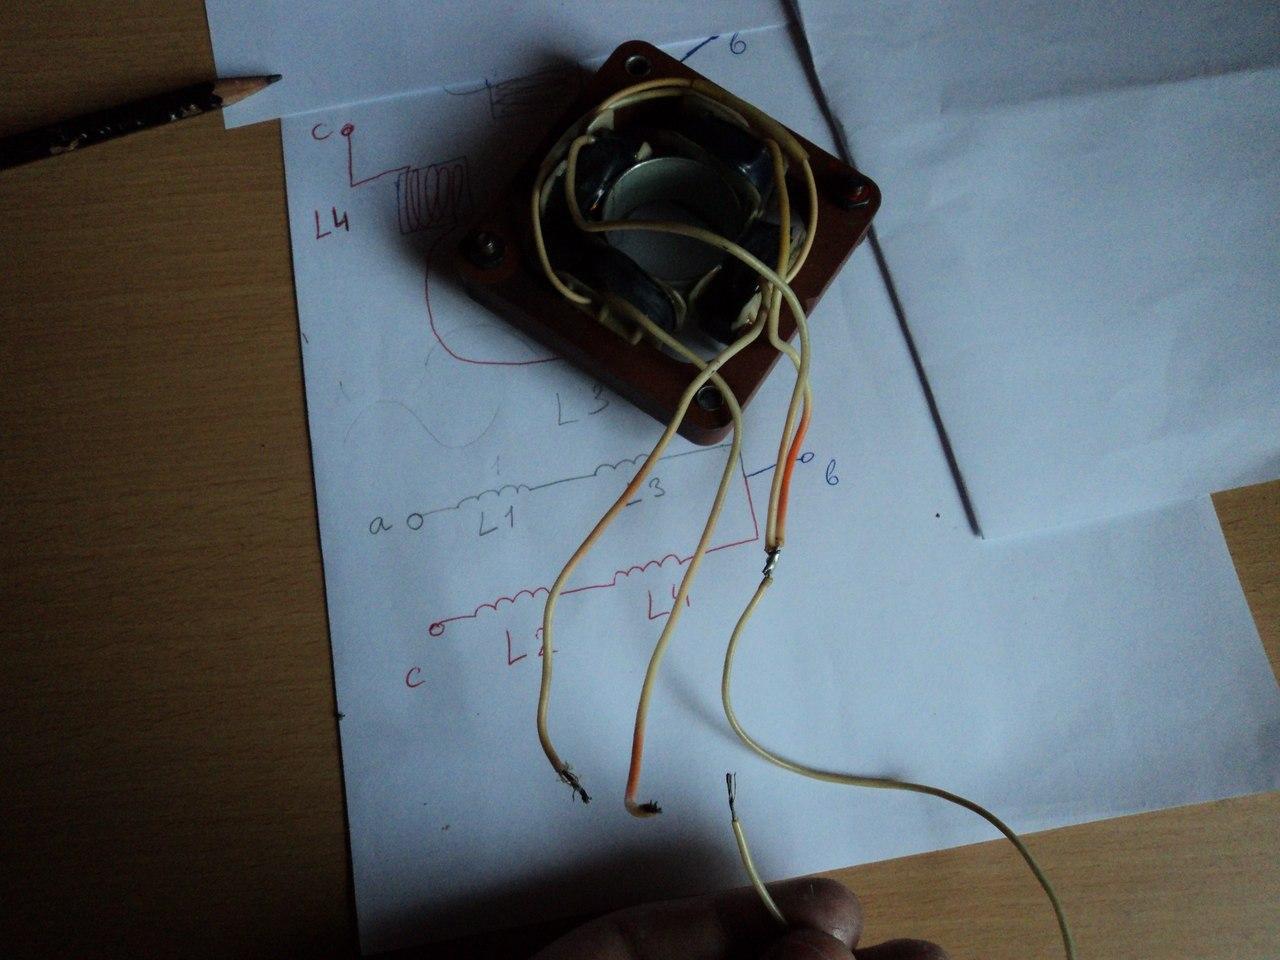 Электродвигатель эдг схема подключения 638